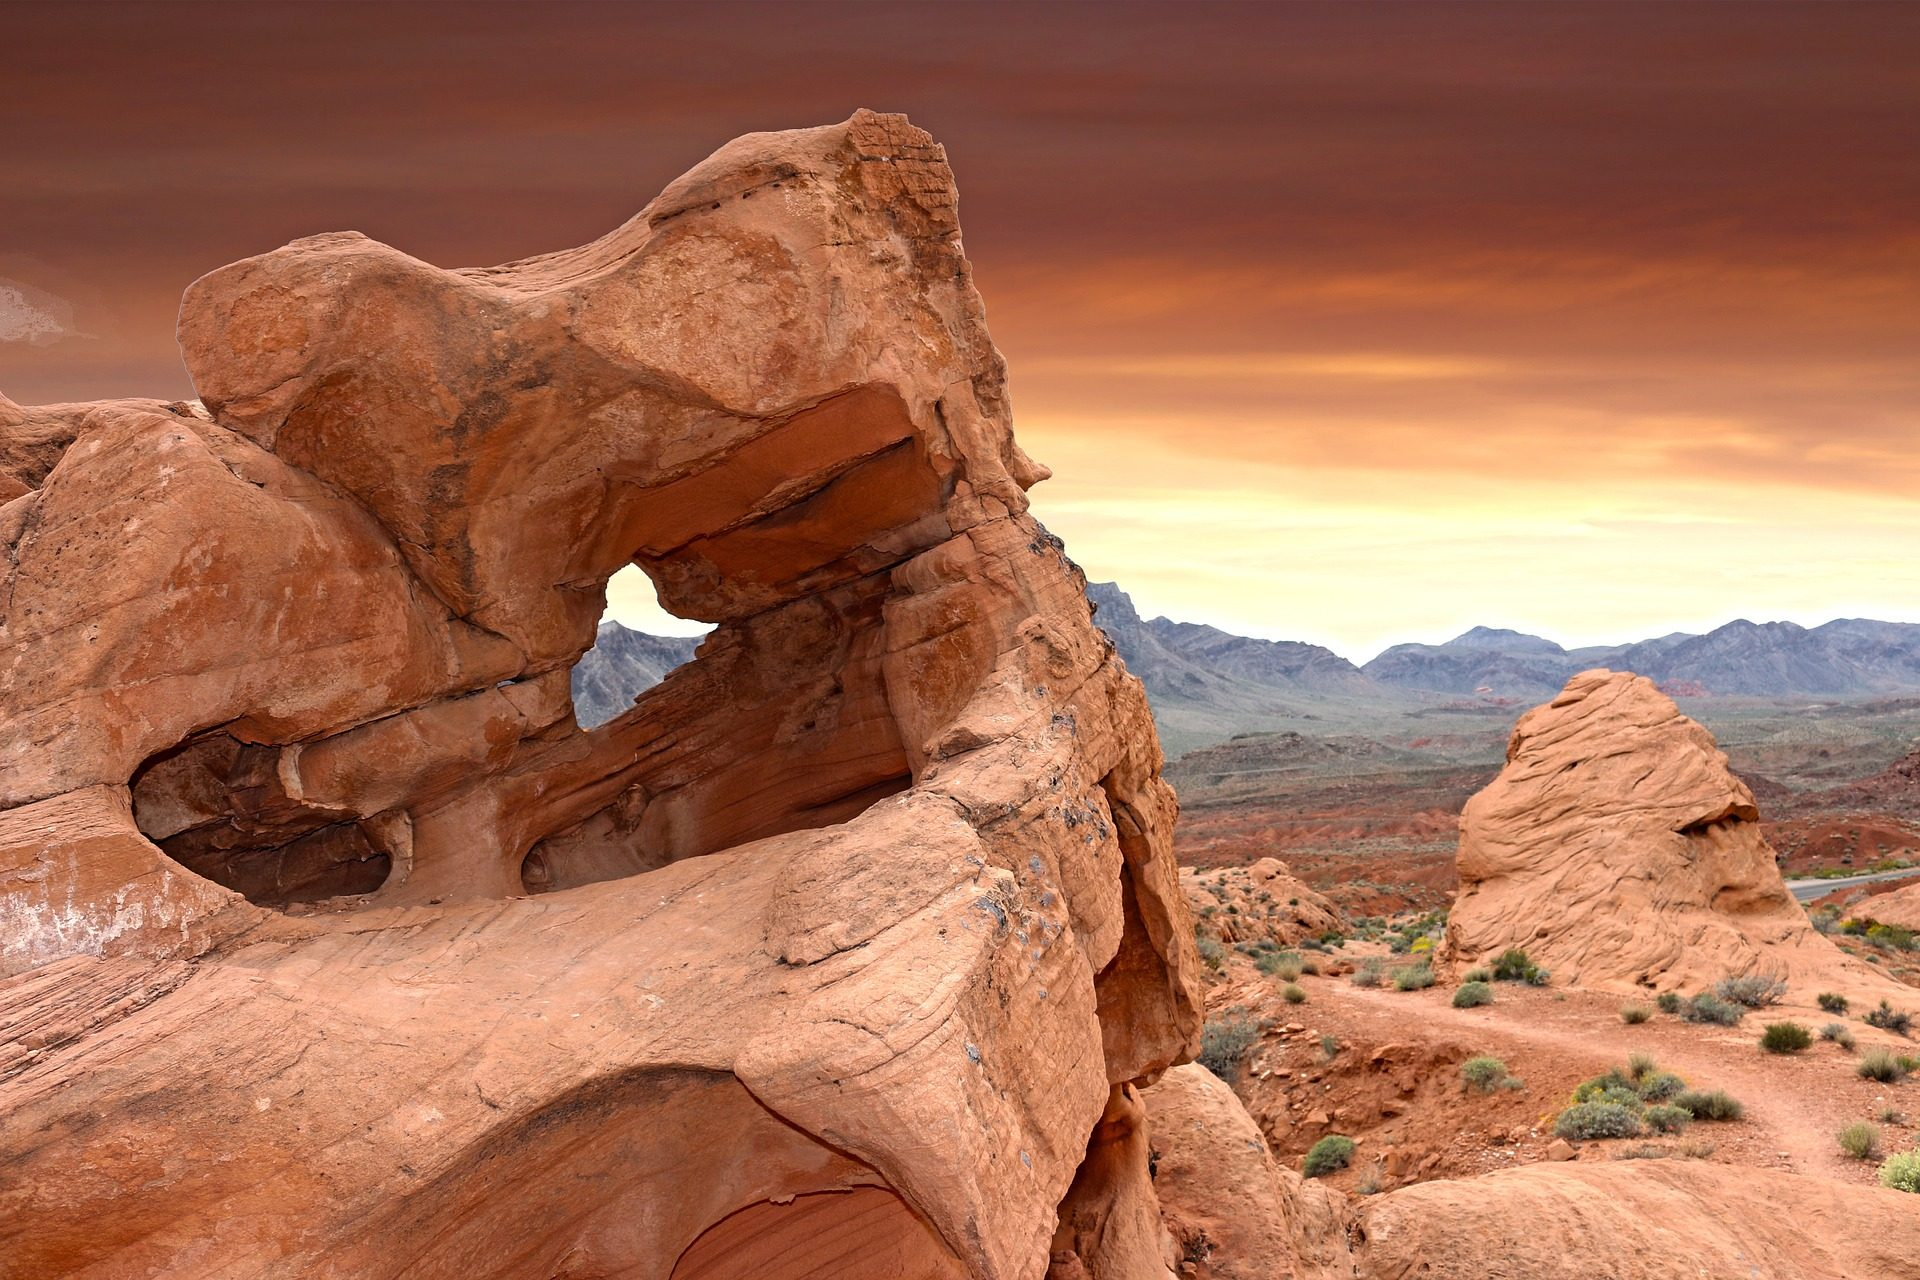 रेगिस्तान, पत्थर, Rocas, कटाव, आग की घाटी, वेगास - HD वॉलपेपर - प्रोफेसर-falken.com